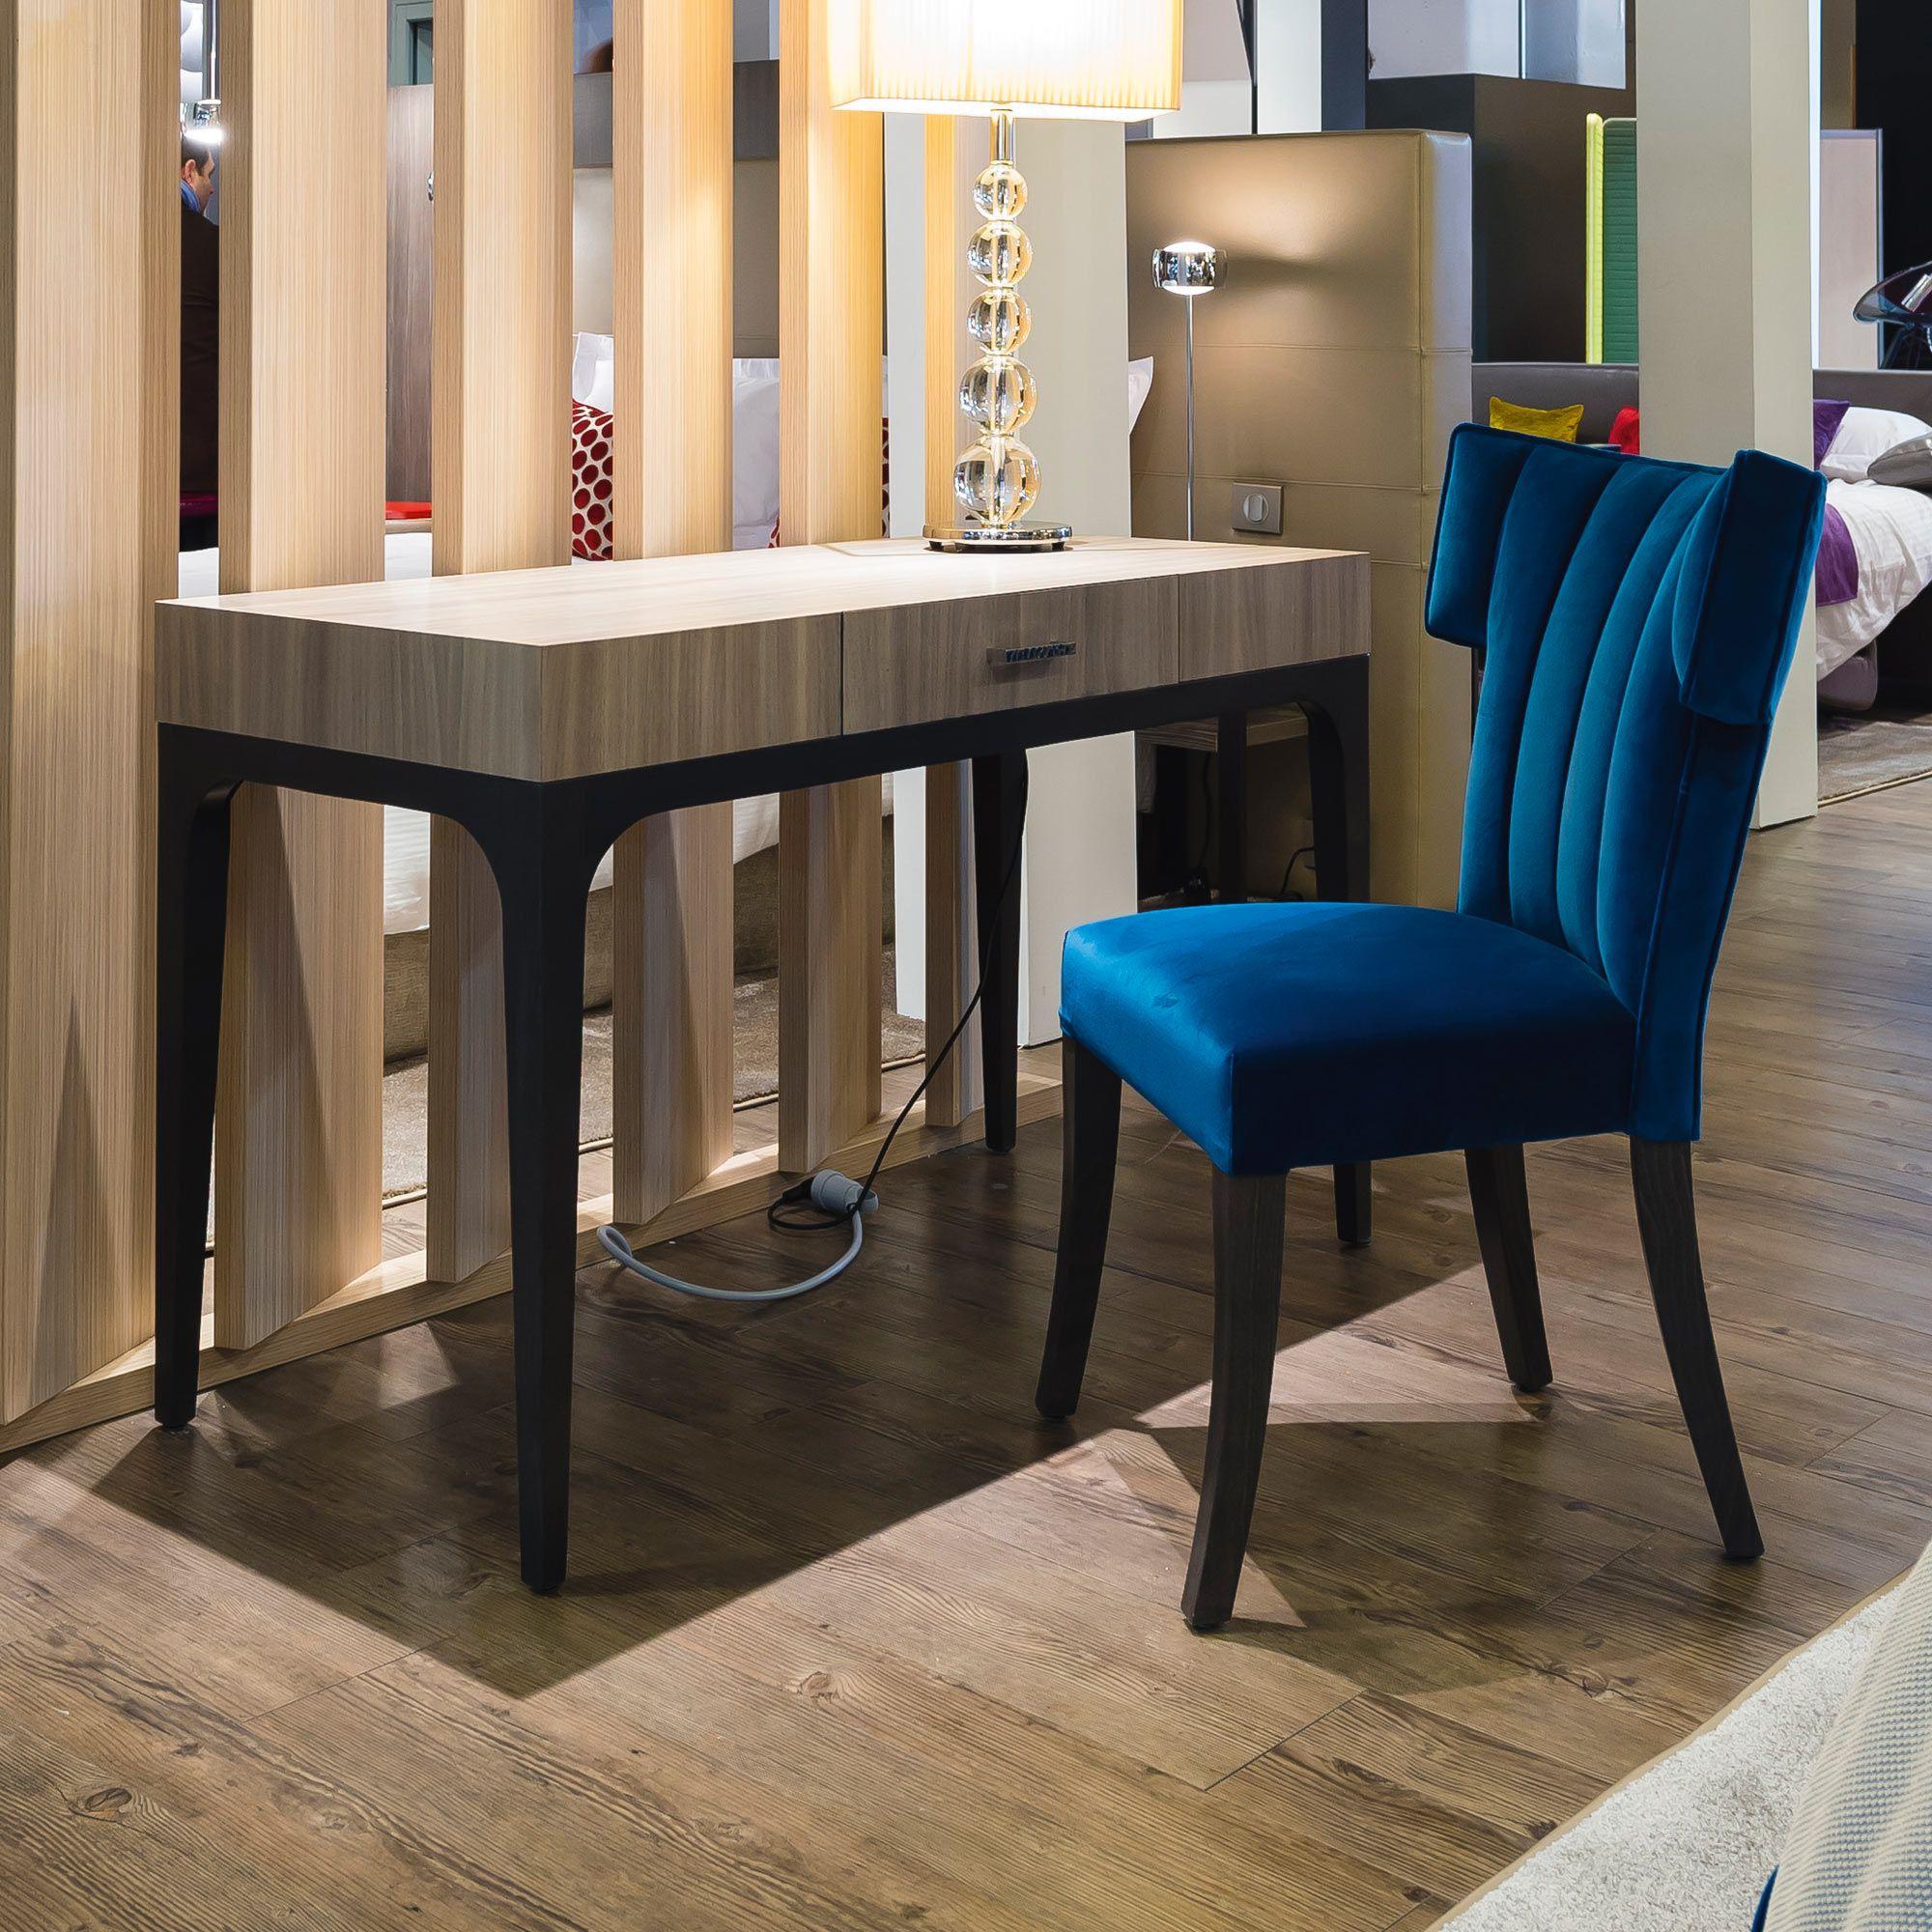 bureau pour chambre d 39 h tel charme collinet. Black Bedroom Furniture Sets. Home Design Ideas